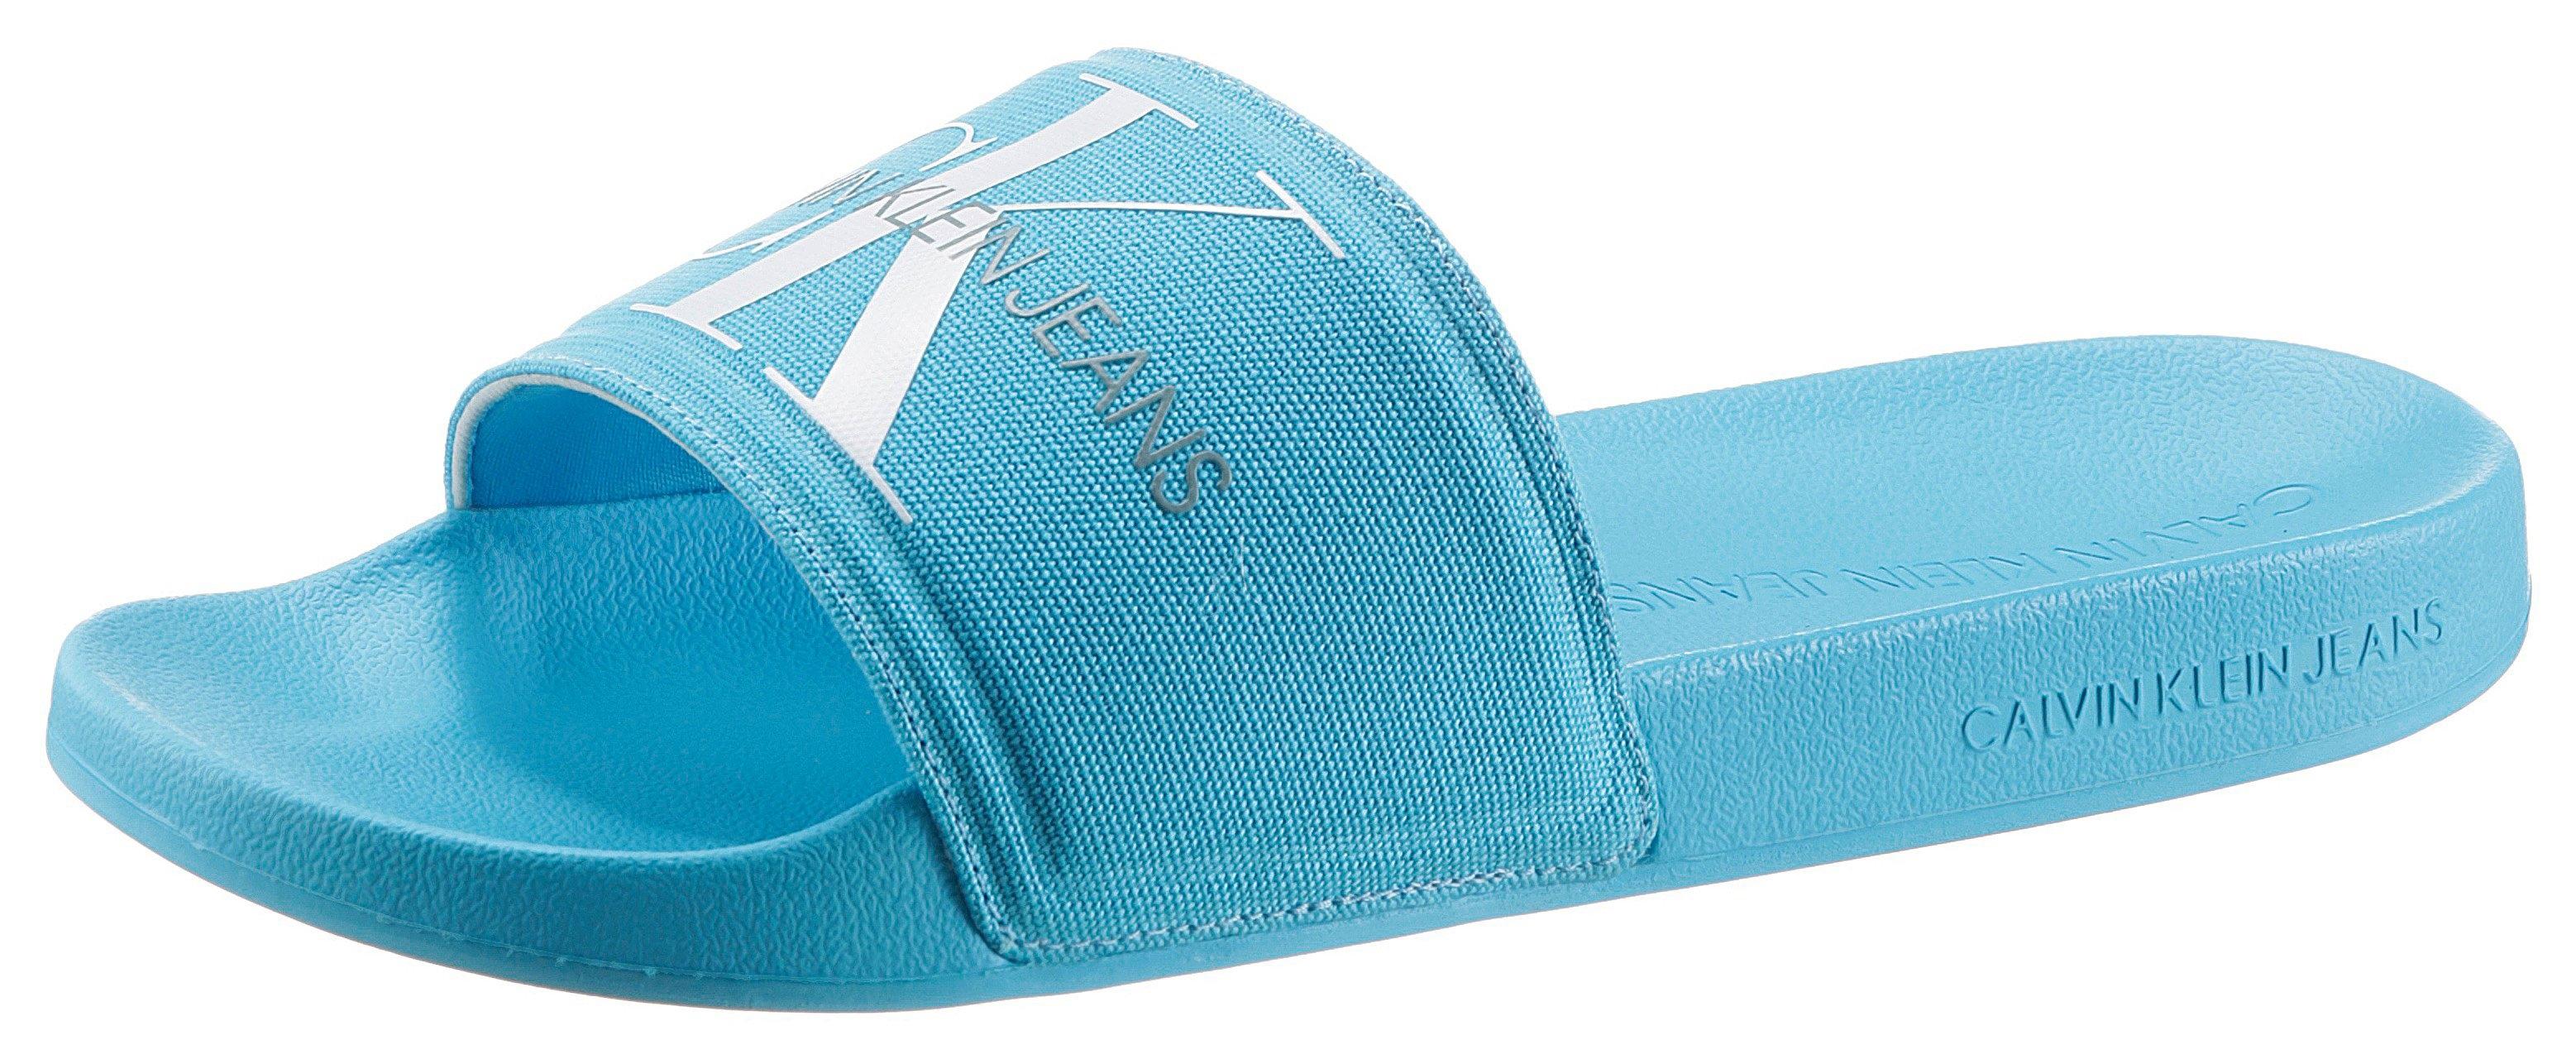 Calvin Klein slippers met opvallend logo - verschillende betaalmethodes